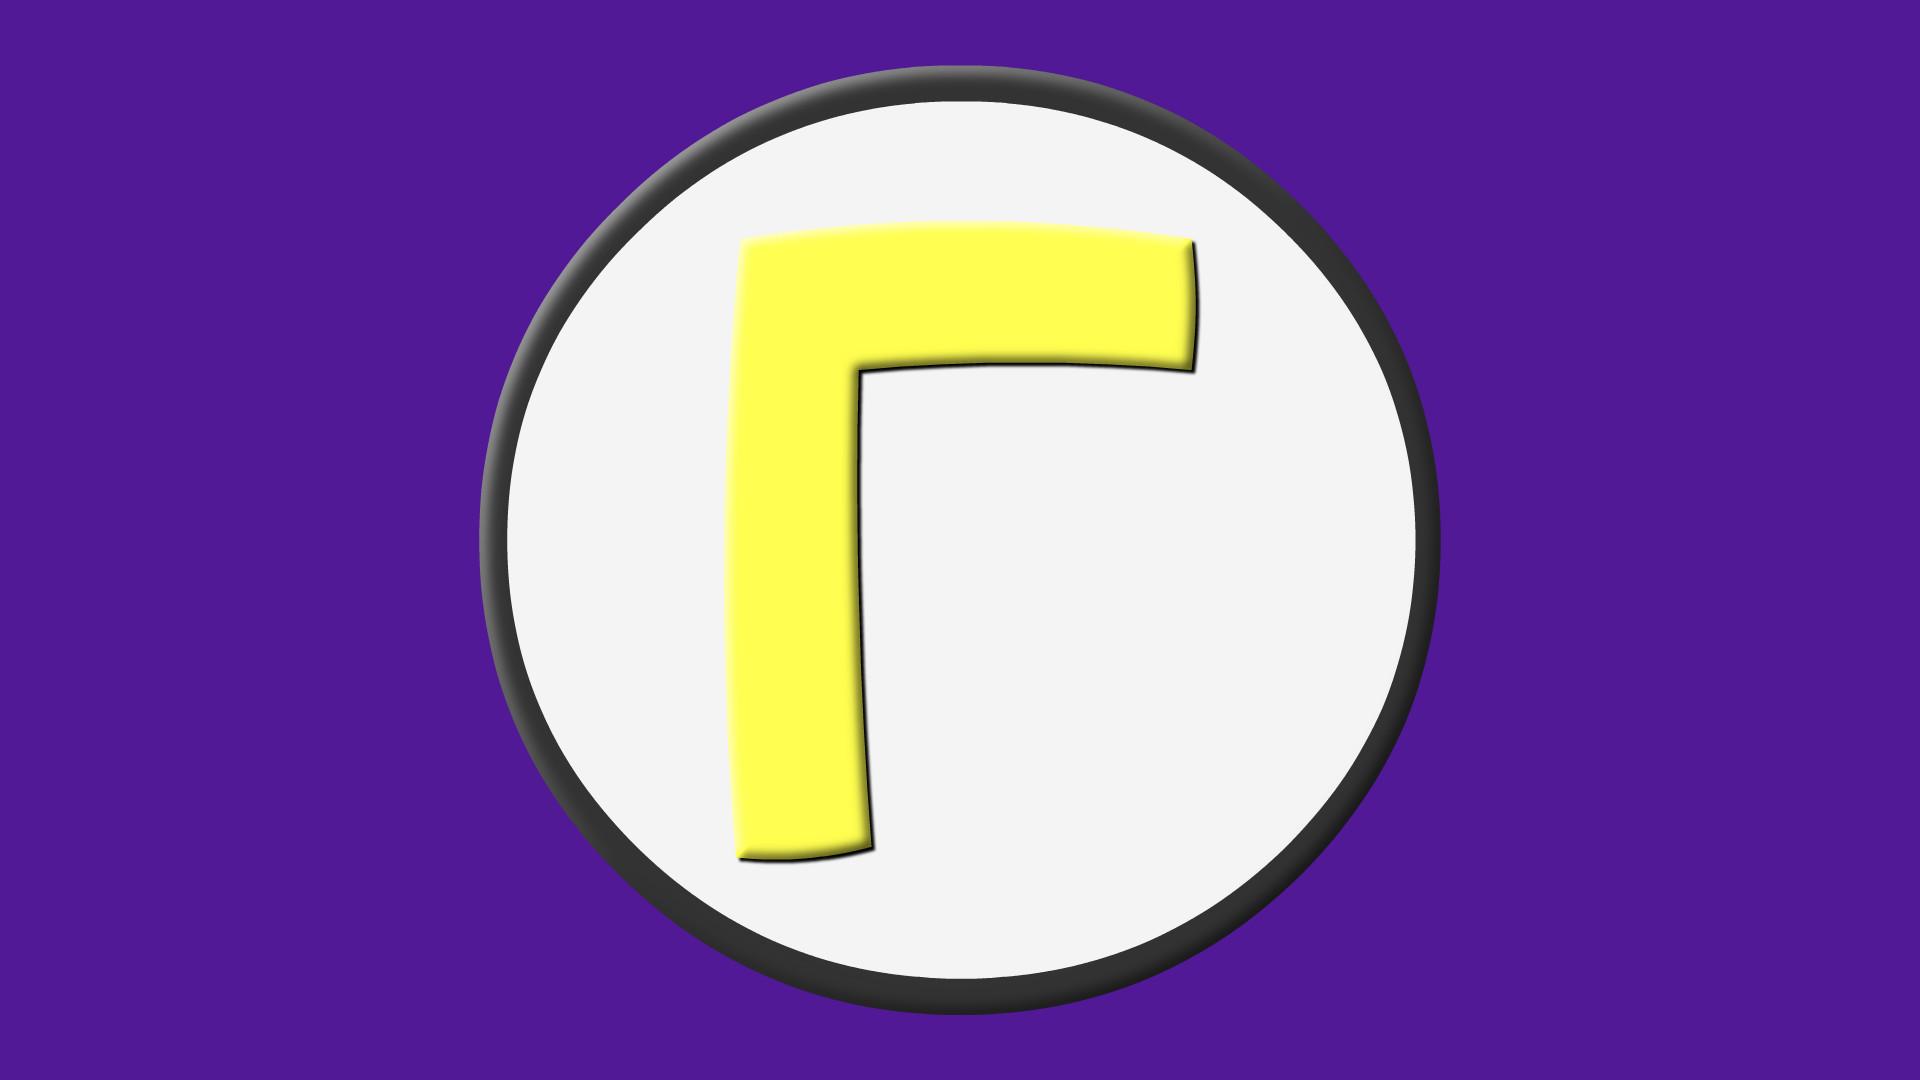 luigi symbol